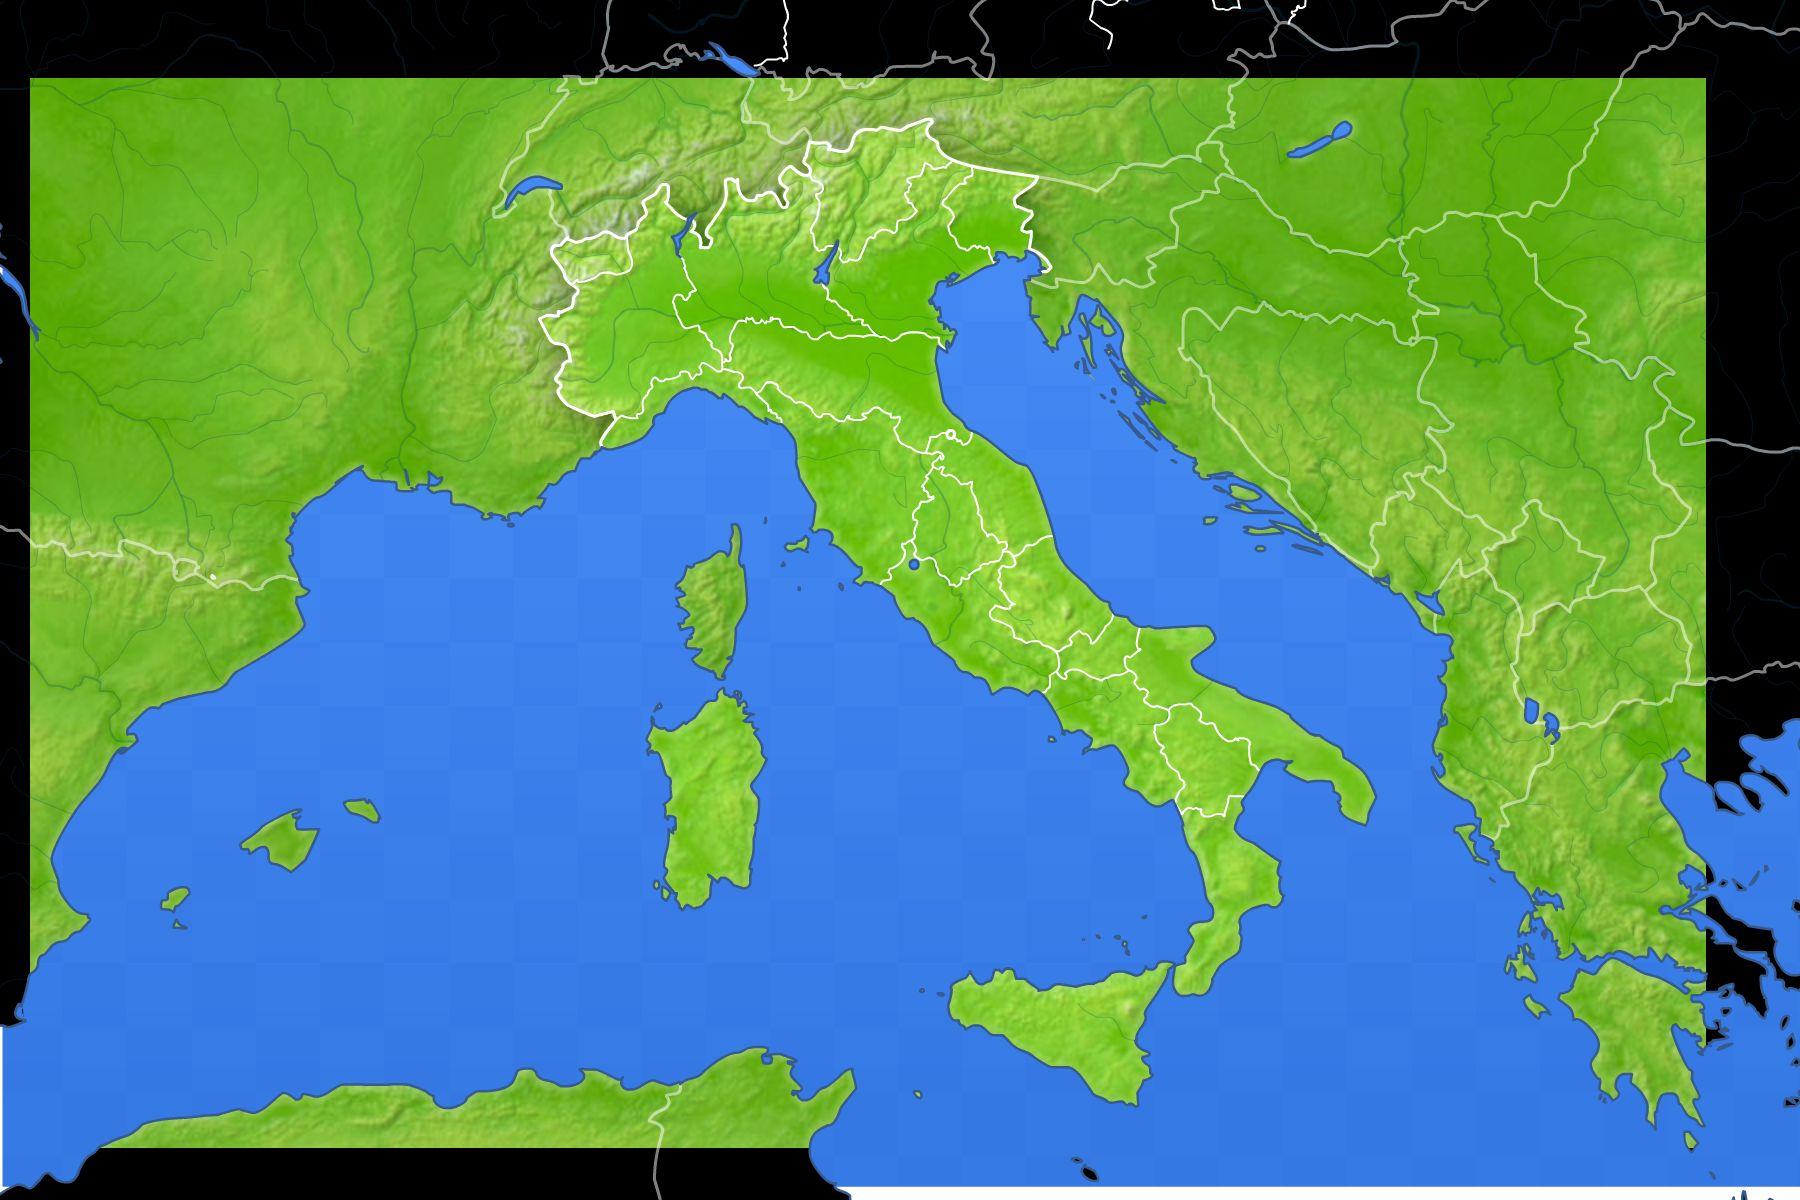 Jeux-Geographiques Jeux Gratuits Jeu Villes D Italie concernant Jeux Geographique